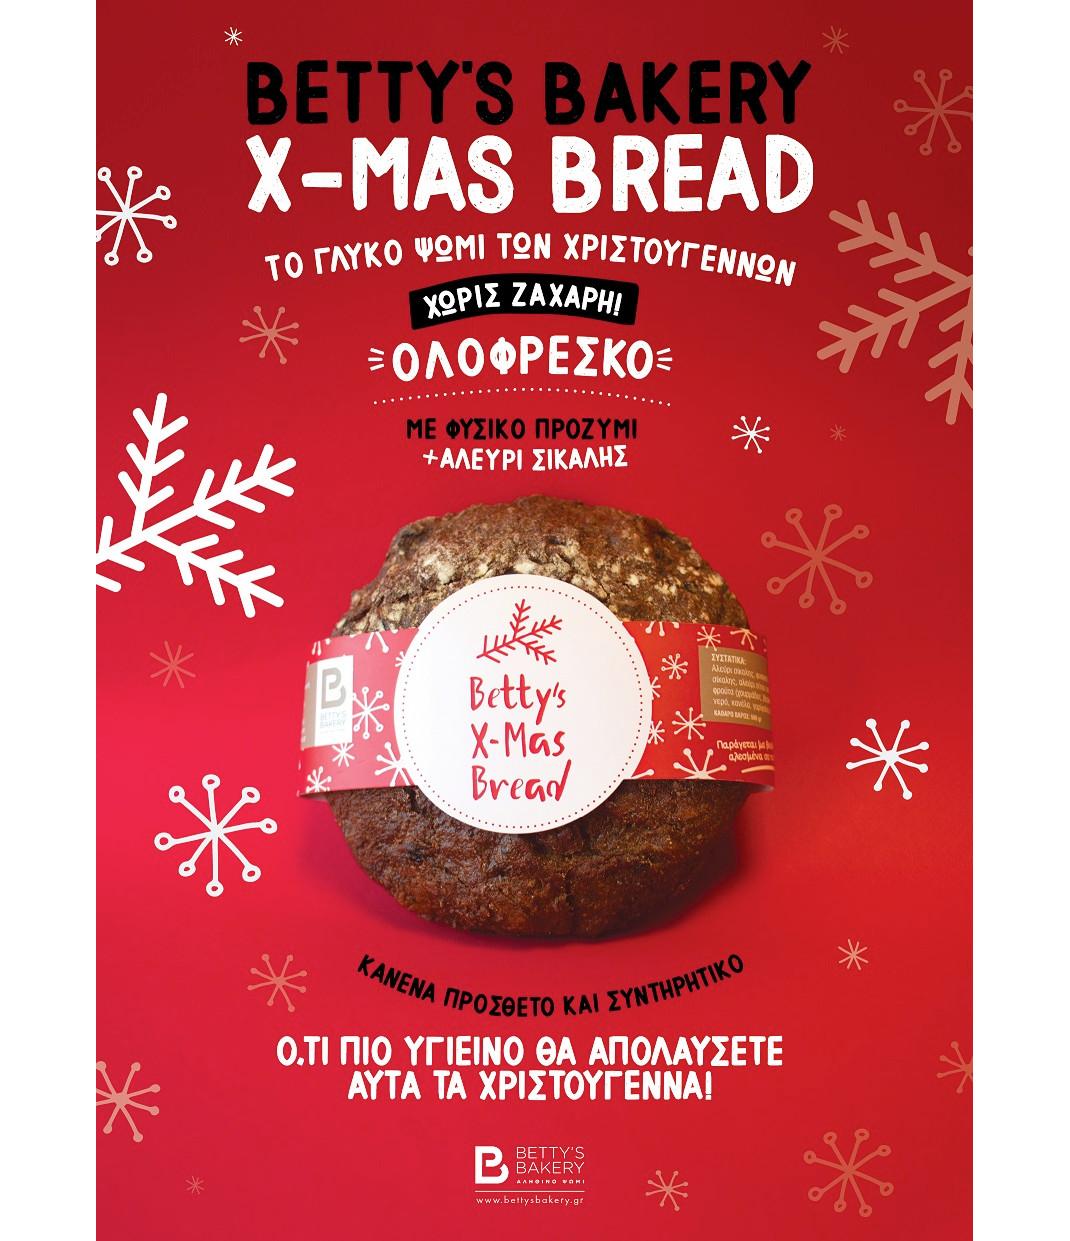 Betty's Bakery X-mas bread